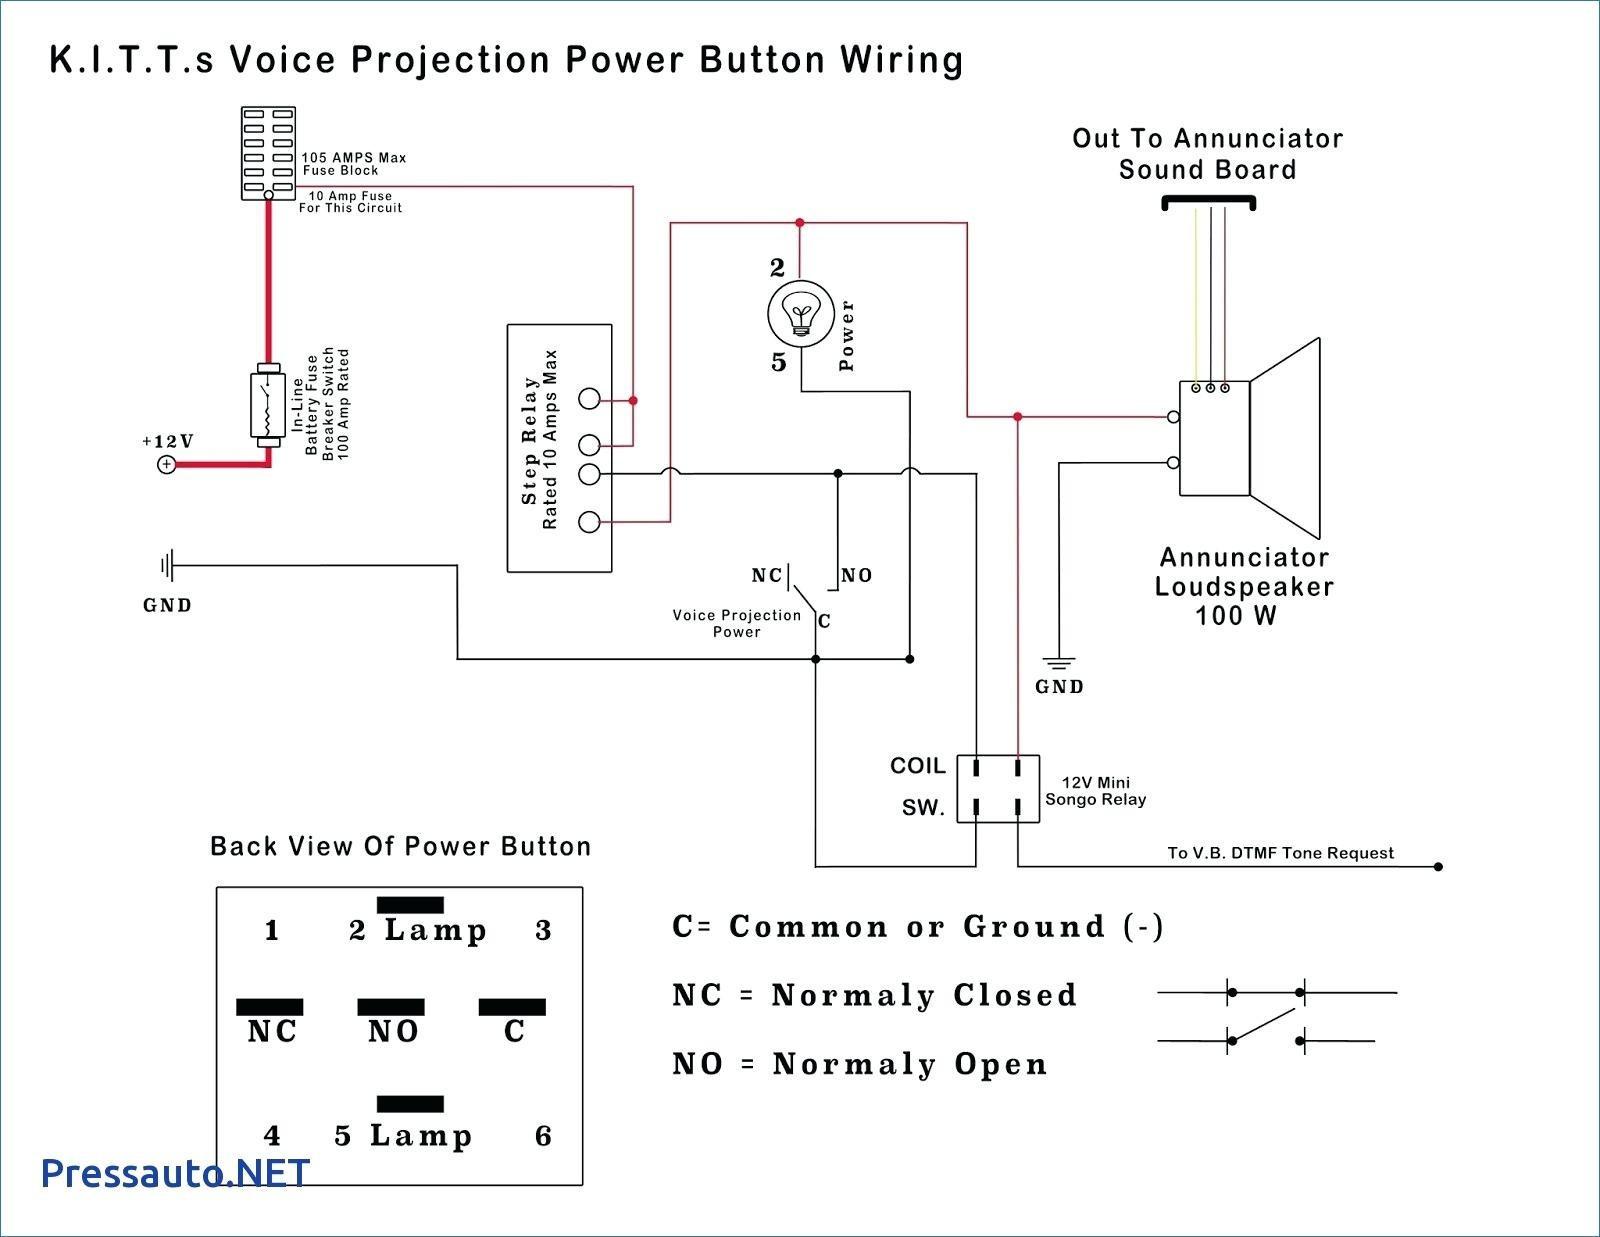 6 0 L Powerstroke Engine Diagram 7 3 Powerstroke Glow Plug Relay Wiring Diagram Inspirational Wiring Of 6 0 L Powerstroke Engine Diagram